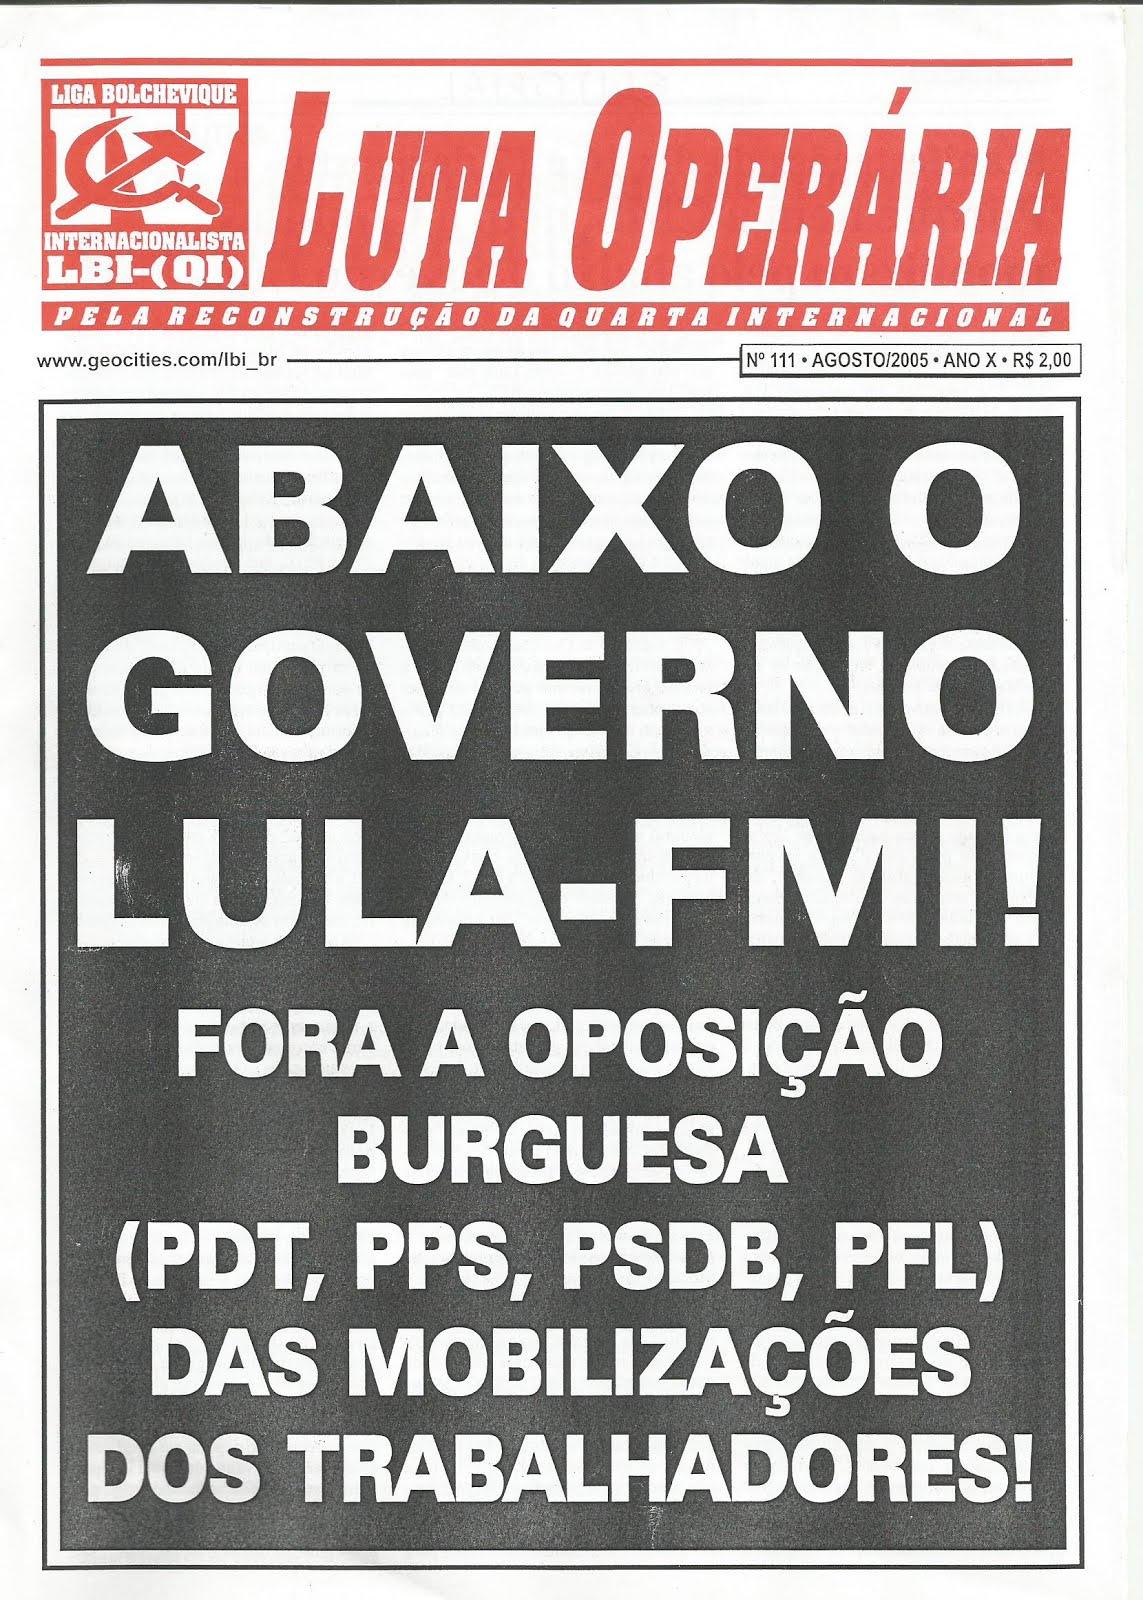 LEIA A EDIÇÃO DO JORNAL LUTA OPERÁRIA Nº 111, AGOSTO/2005